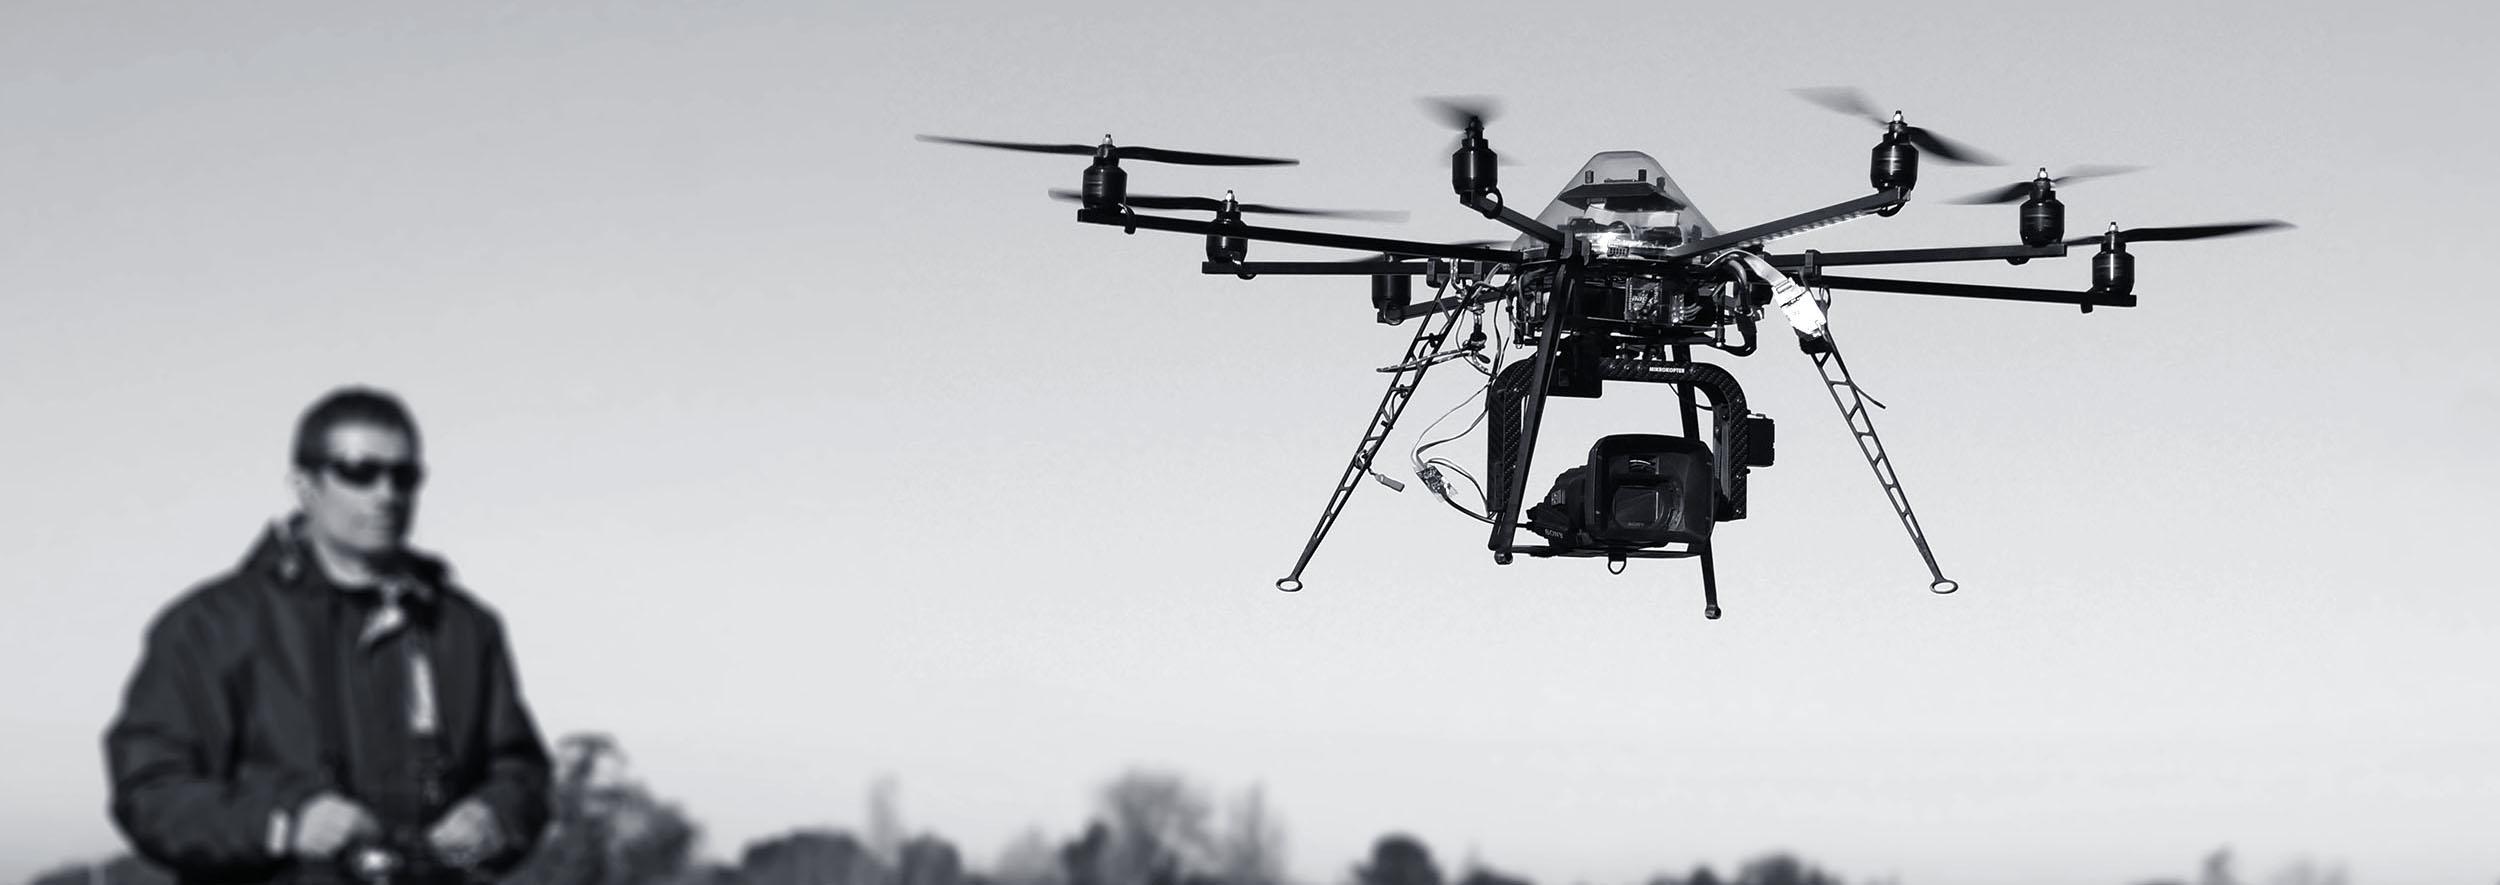 Cette photo represente Mathieu Chambraud en train de piloter un drone professionnel